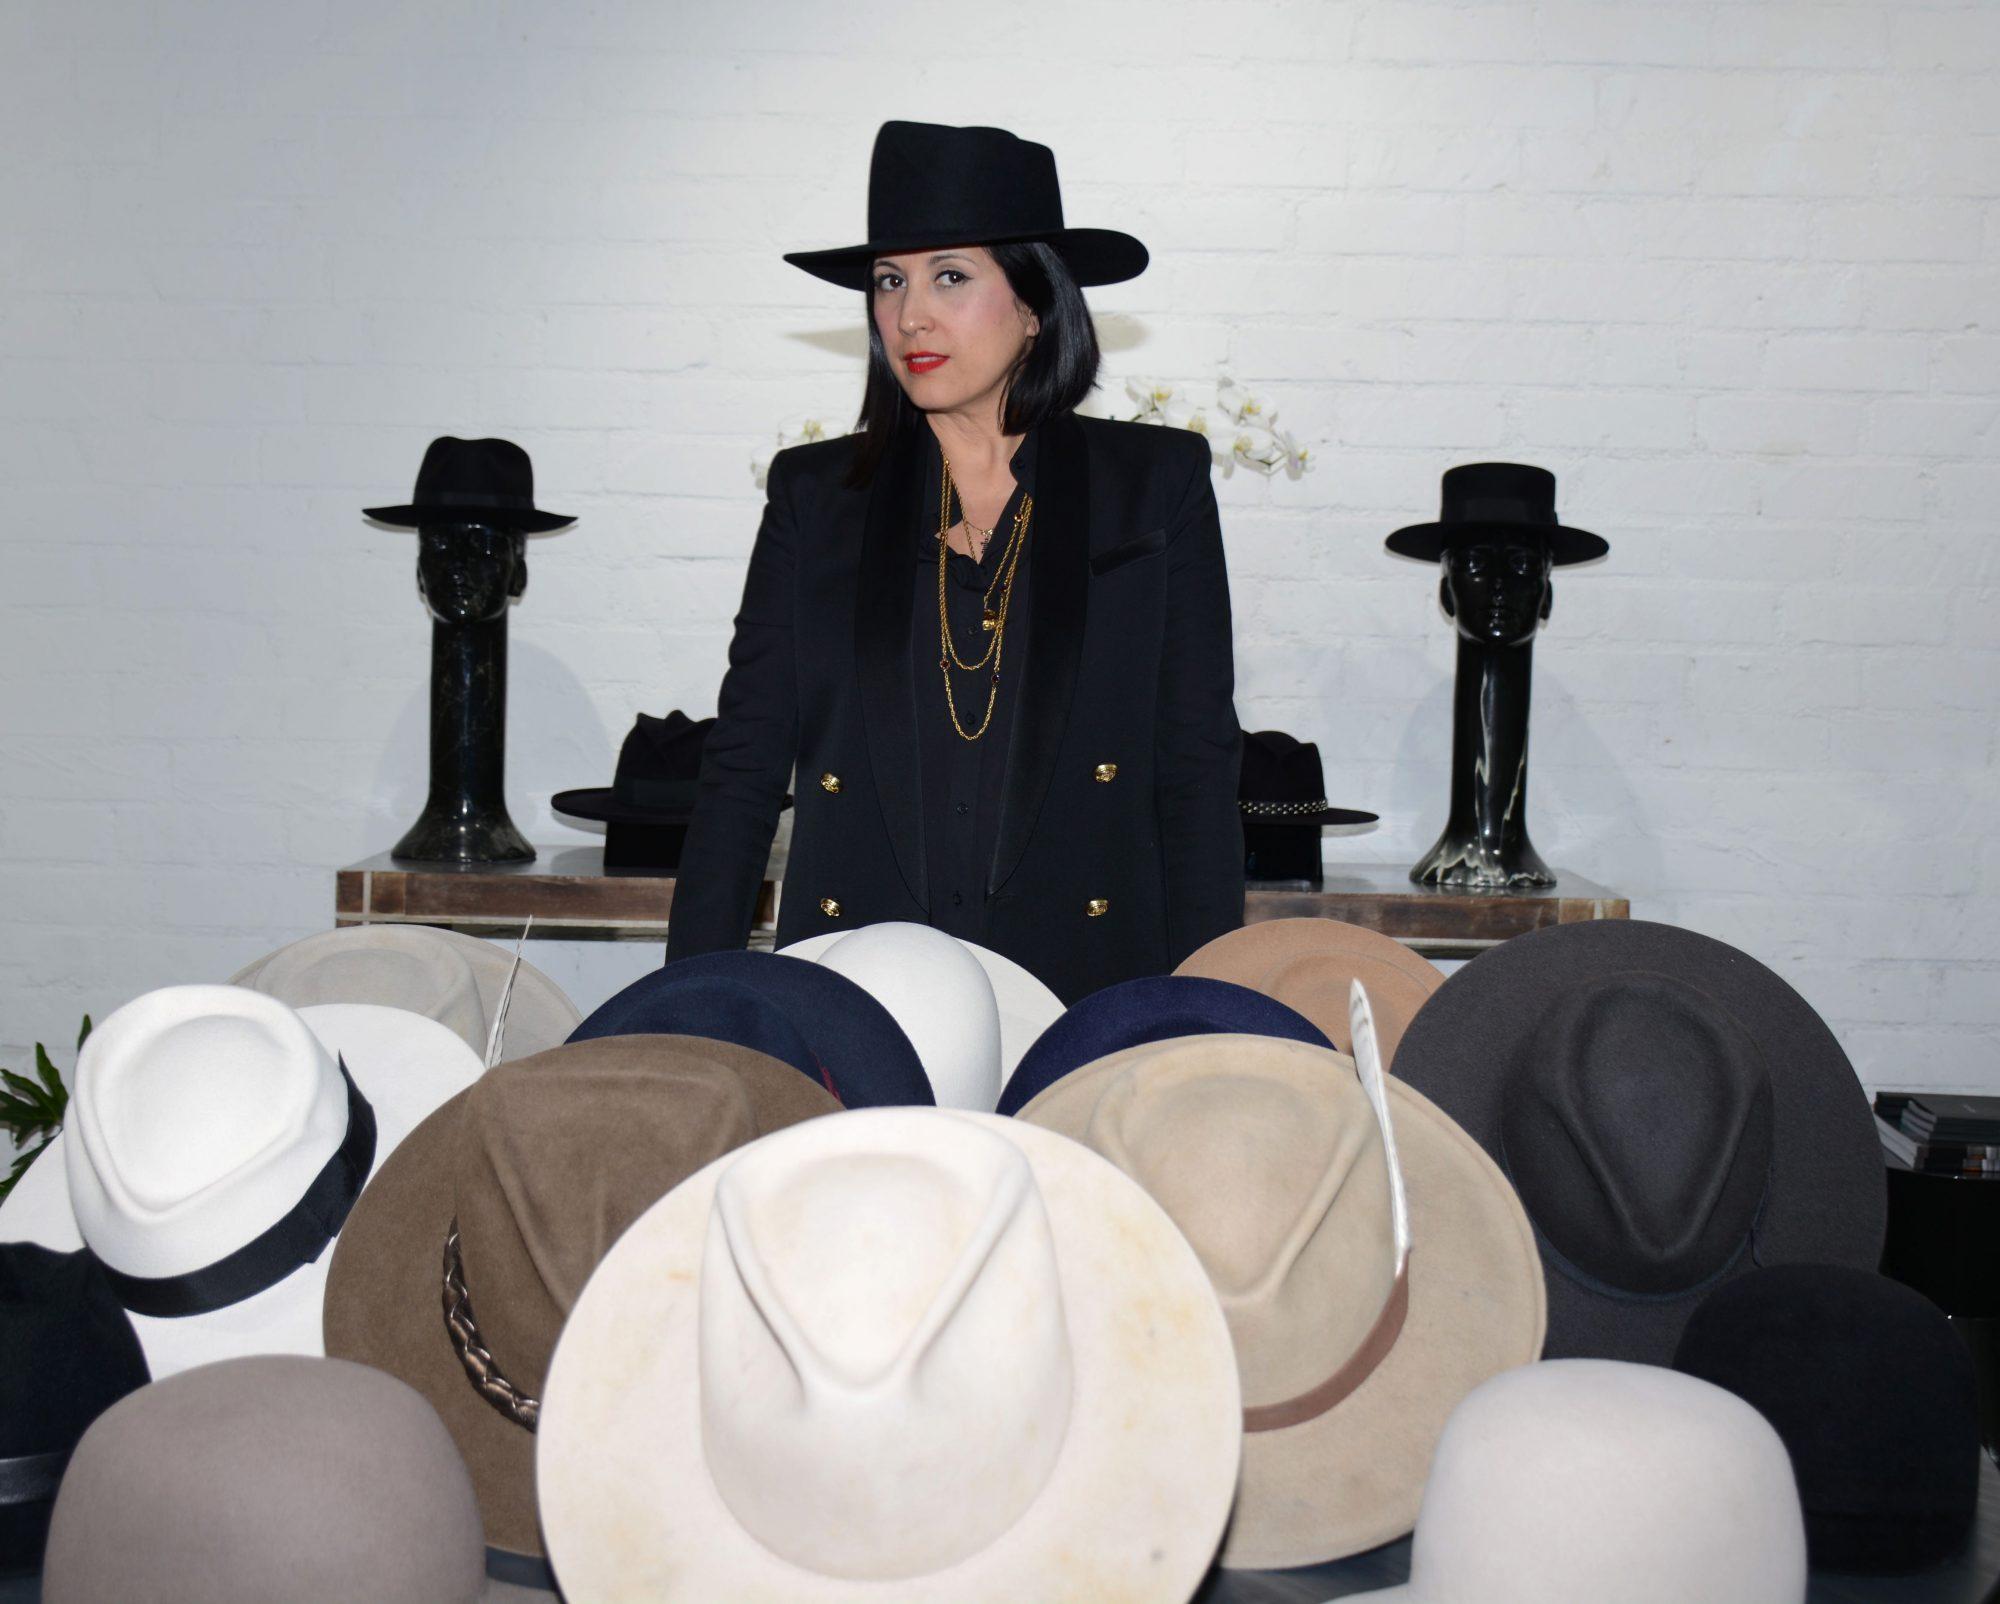 Gladys Tamez, Lady Gaga hats